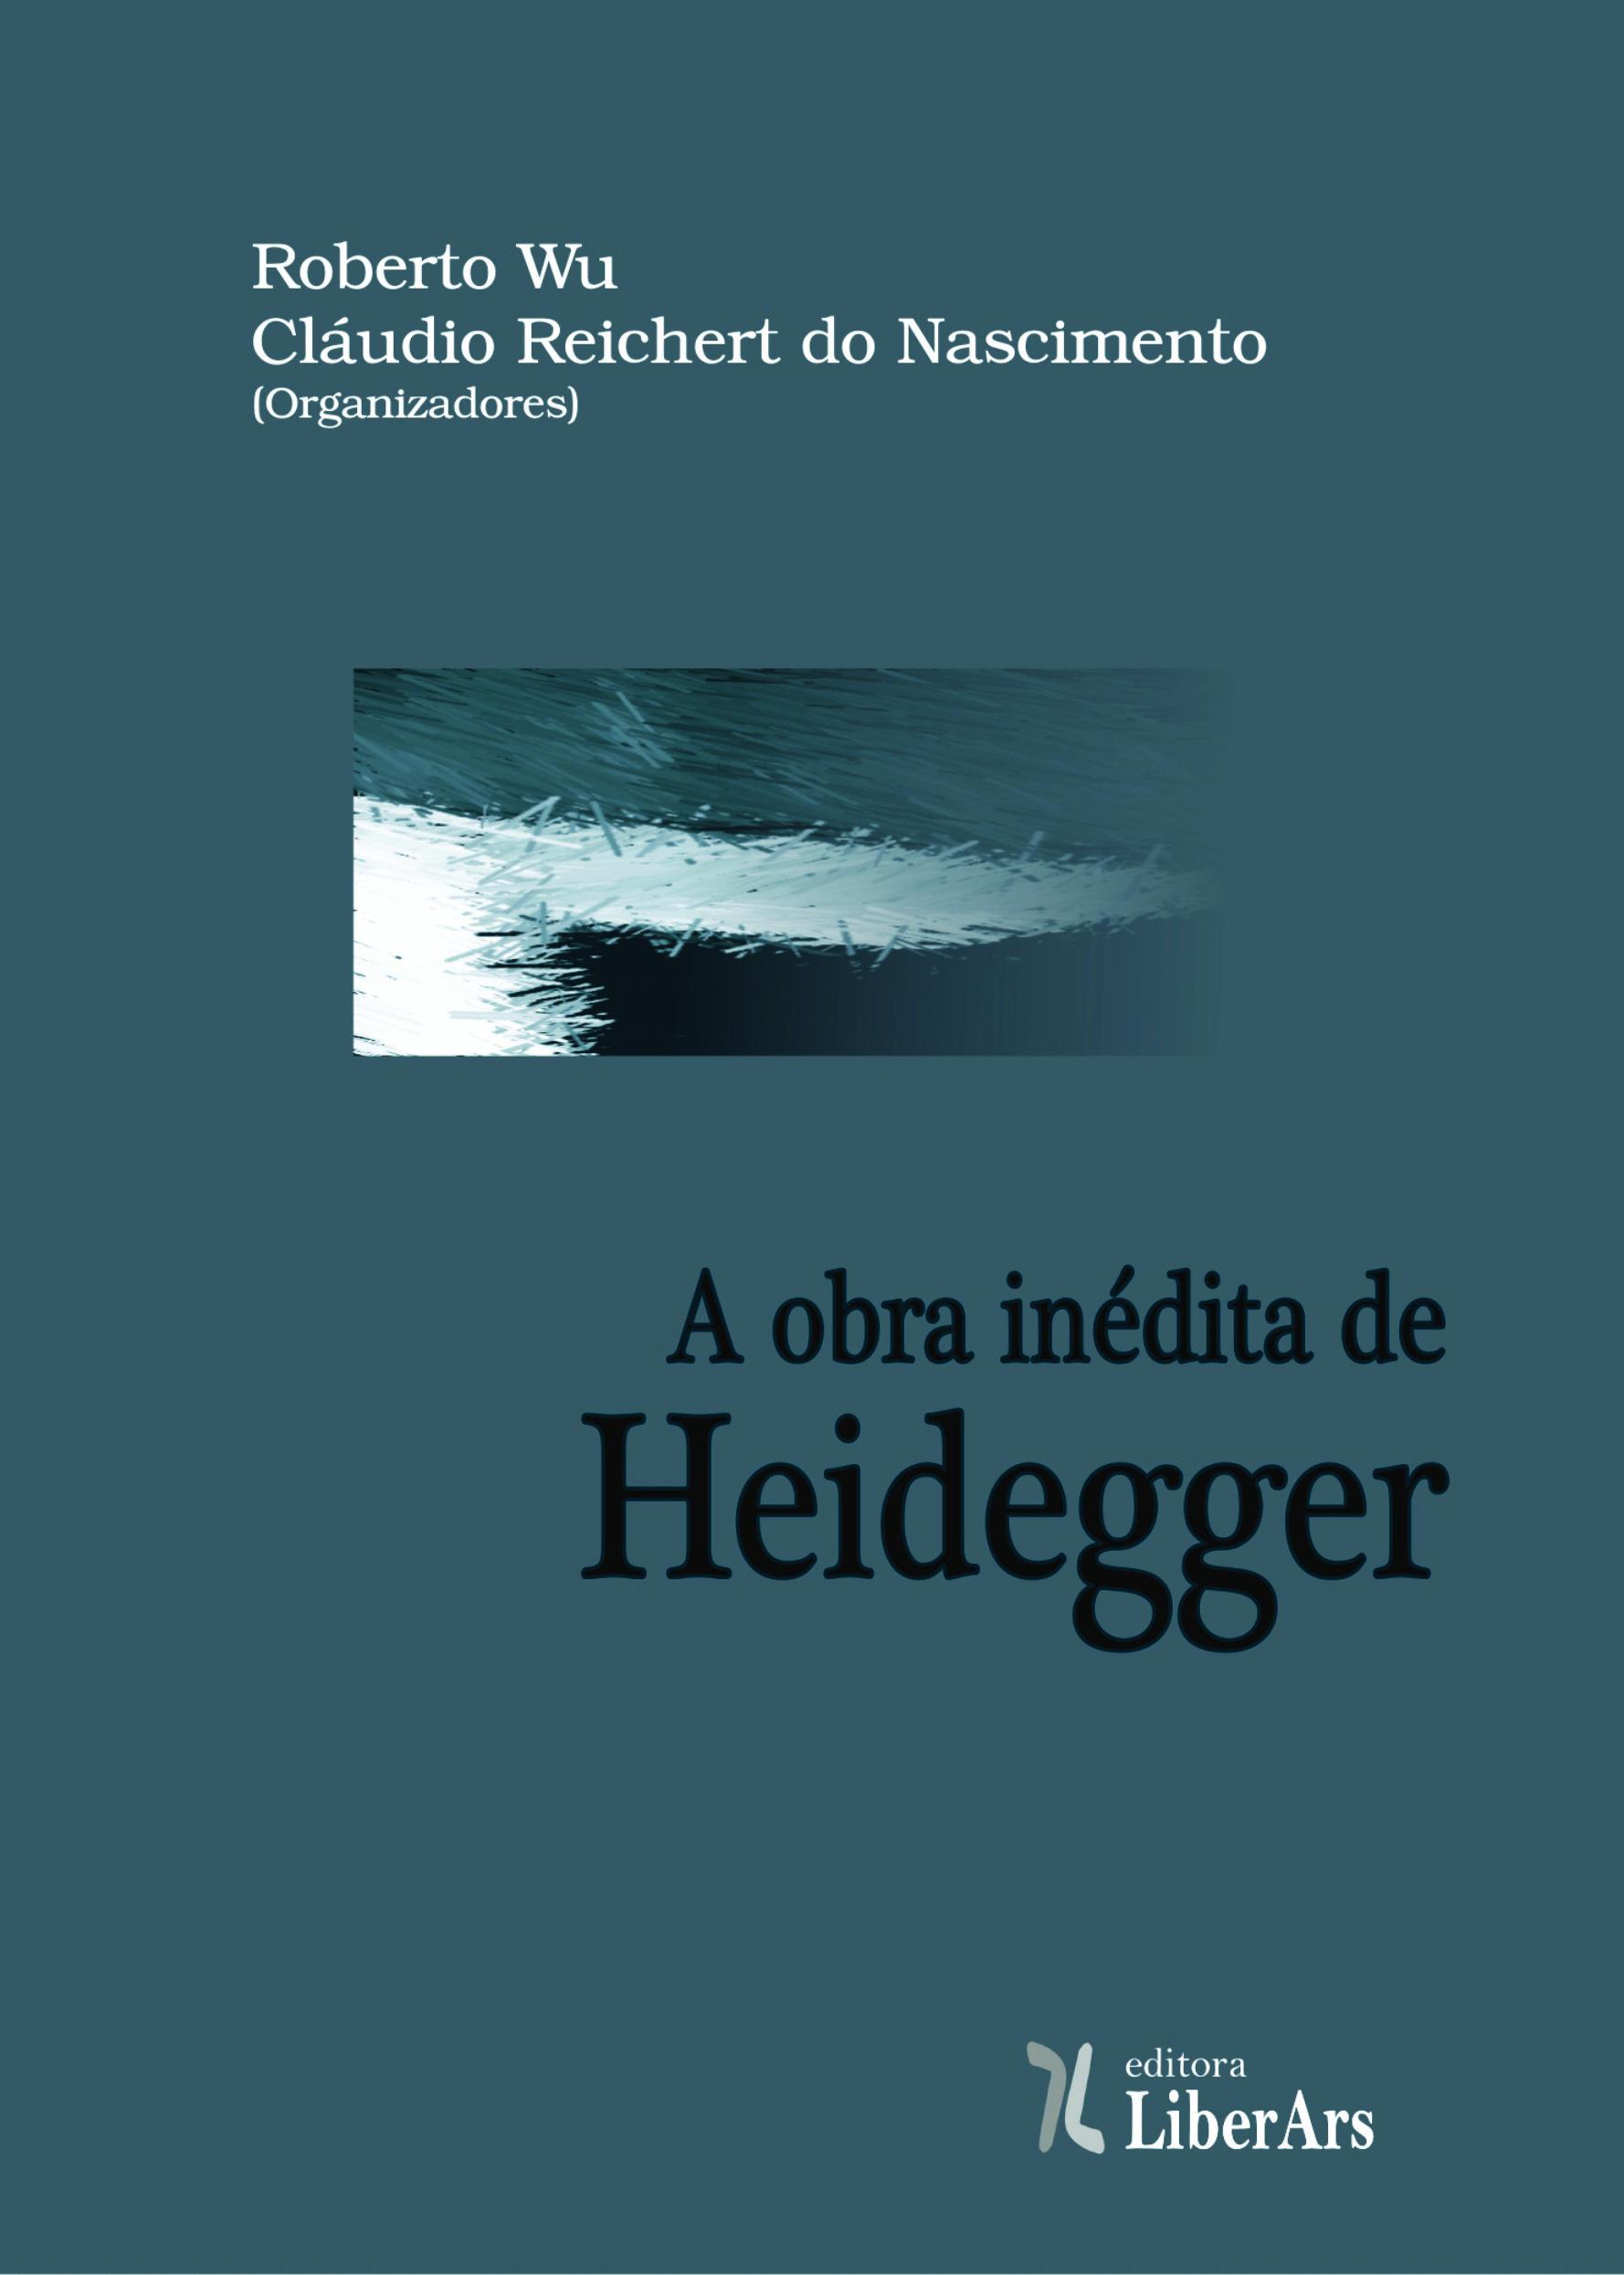 A obra inédita de Heidegger, livro de Roberto Wu, Claudio Reichert do Nascimento